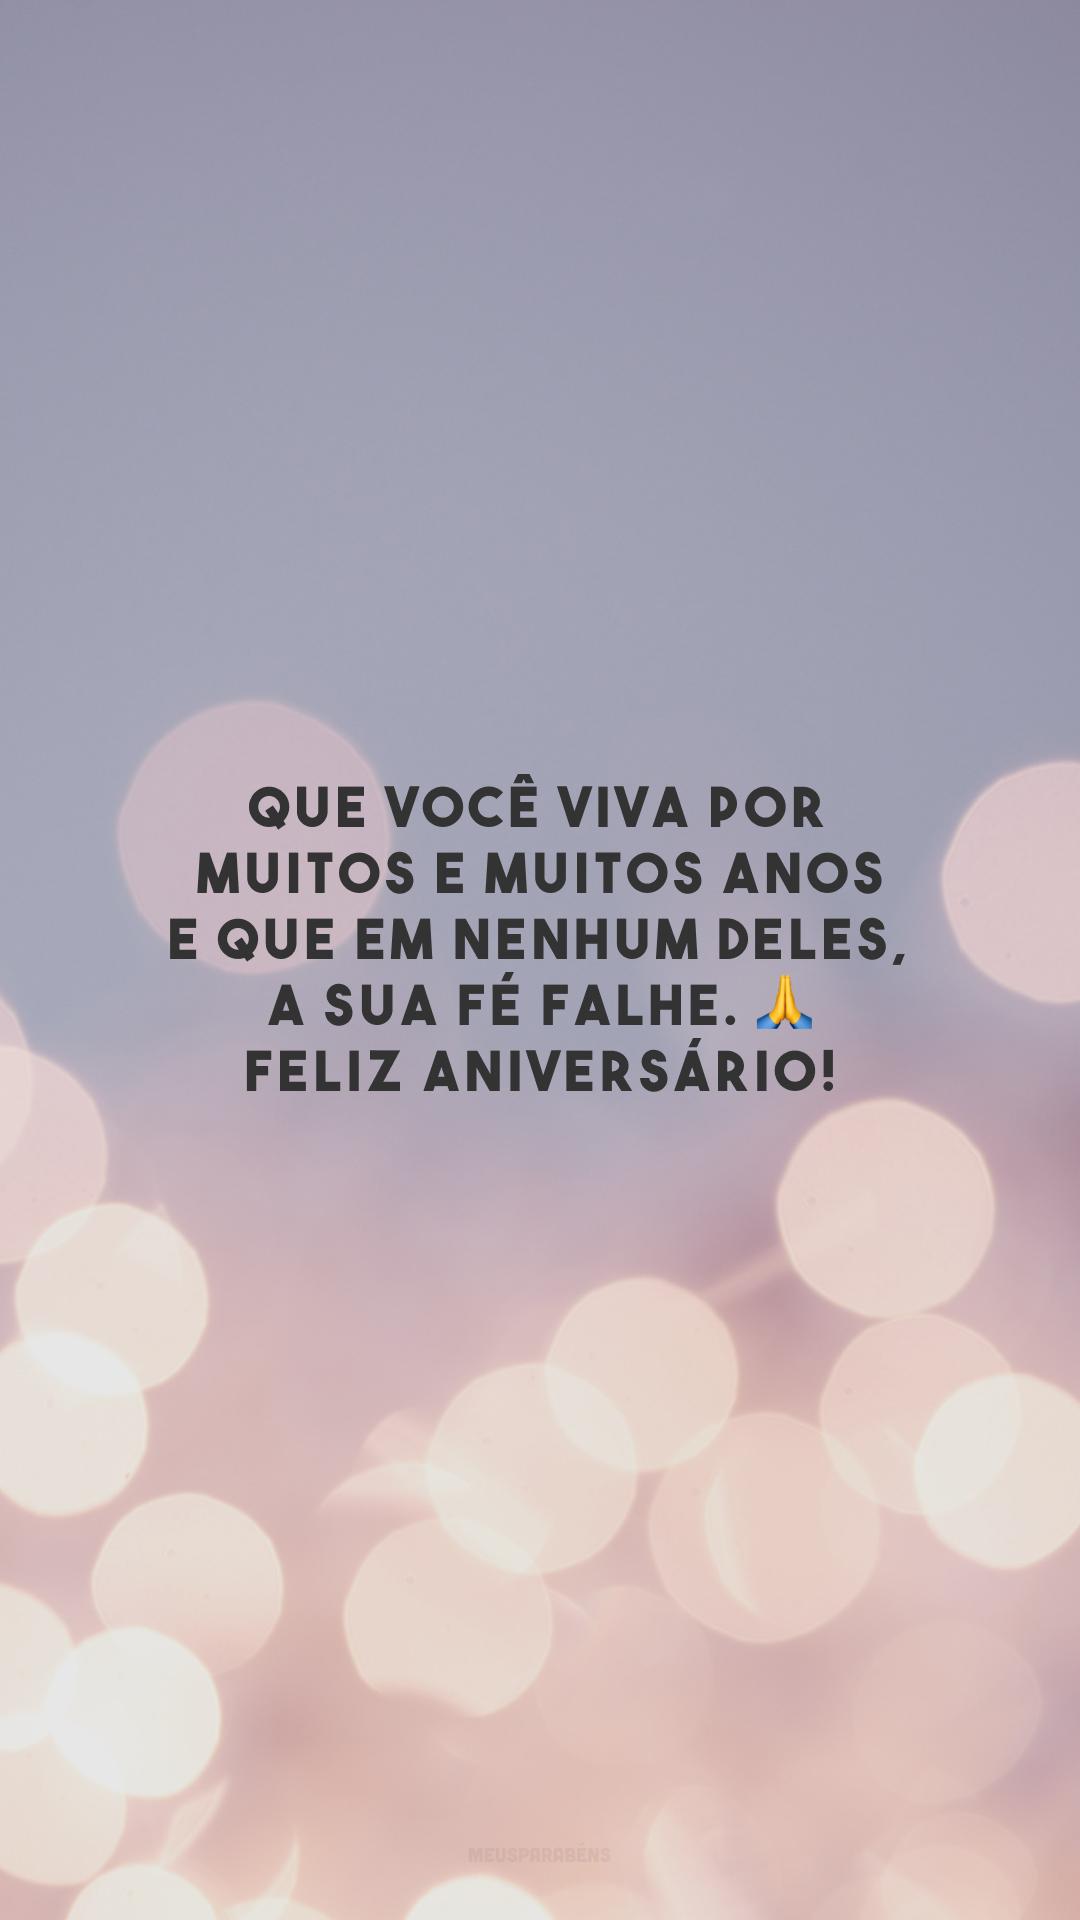 Que você viva por muitos e muitos anos e que em nenhum deles, a sua fé falhe. 🙏 Feliz aniversário!